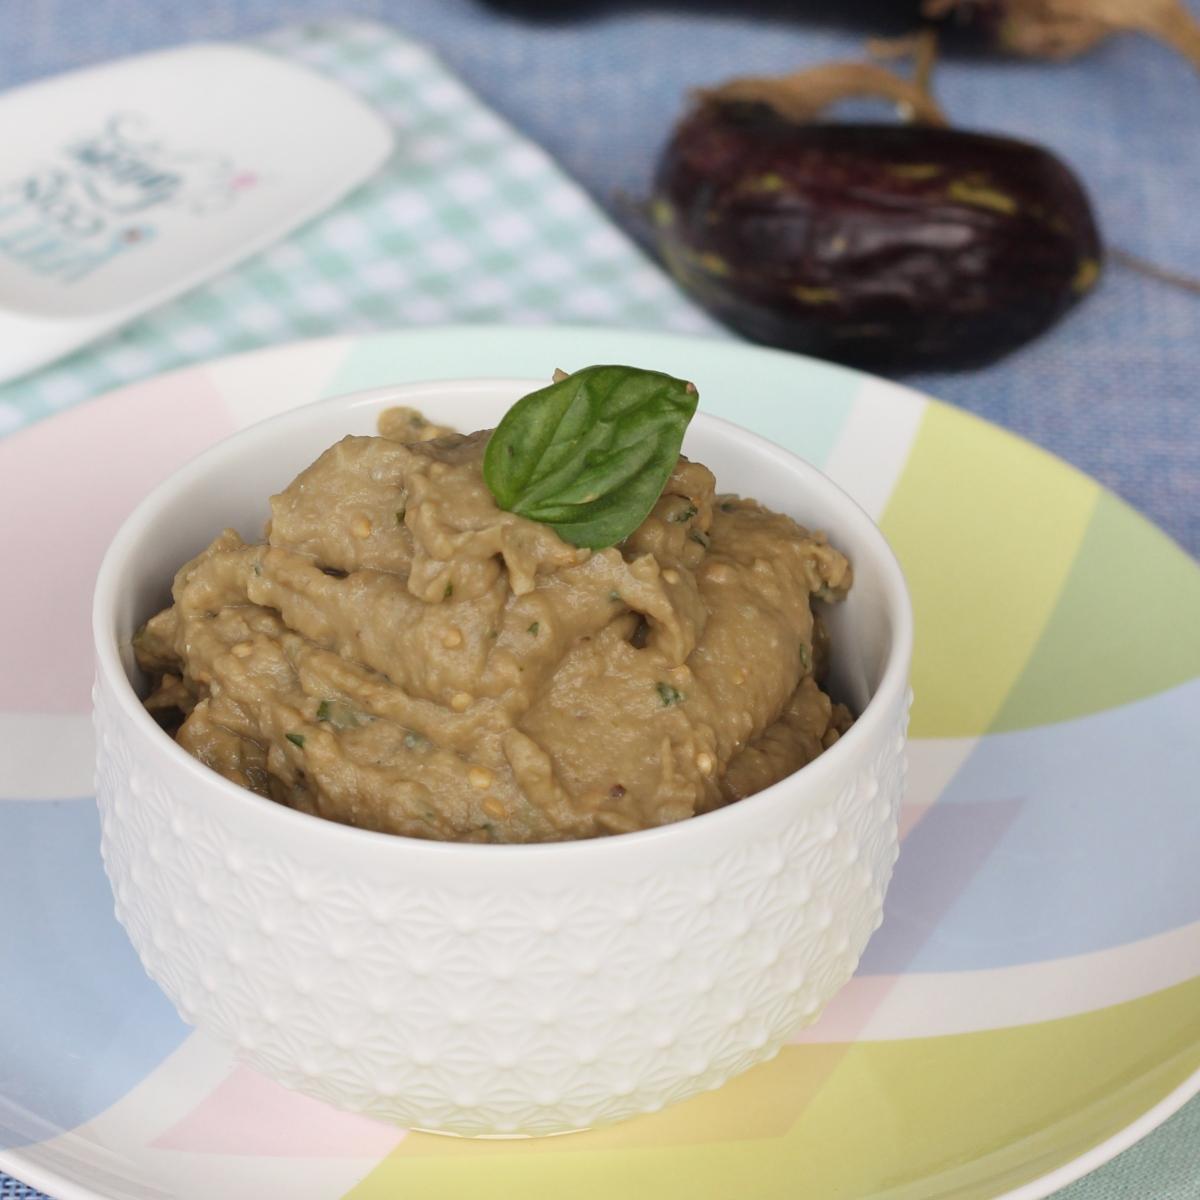 Ricetta crema di melanzane veloce | salsa cremosa con melanzane